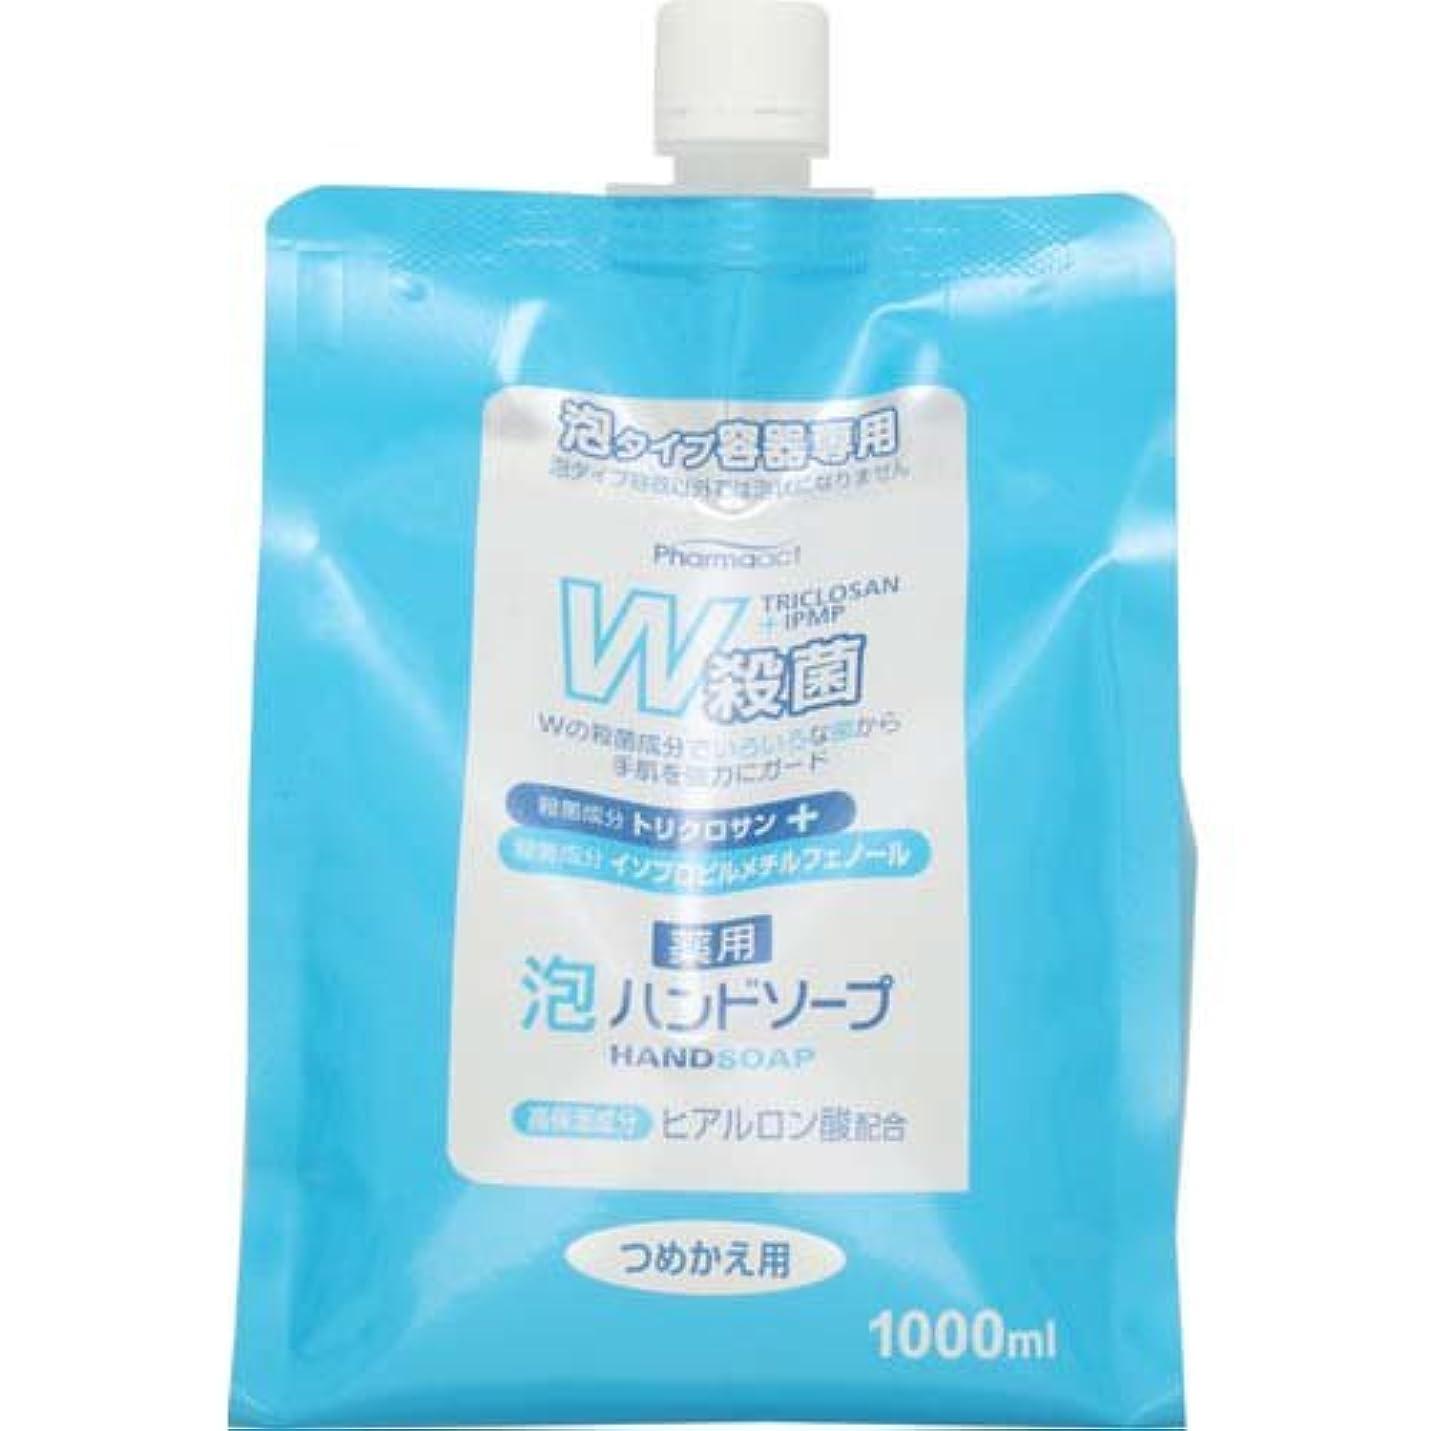 生む寝室を掃除する機転PHARMAACT(ファーマアクト) W殺菌薬用泡ハンドソープ スパウト付き詰替 1000ml